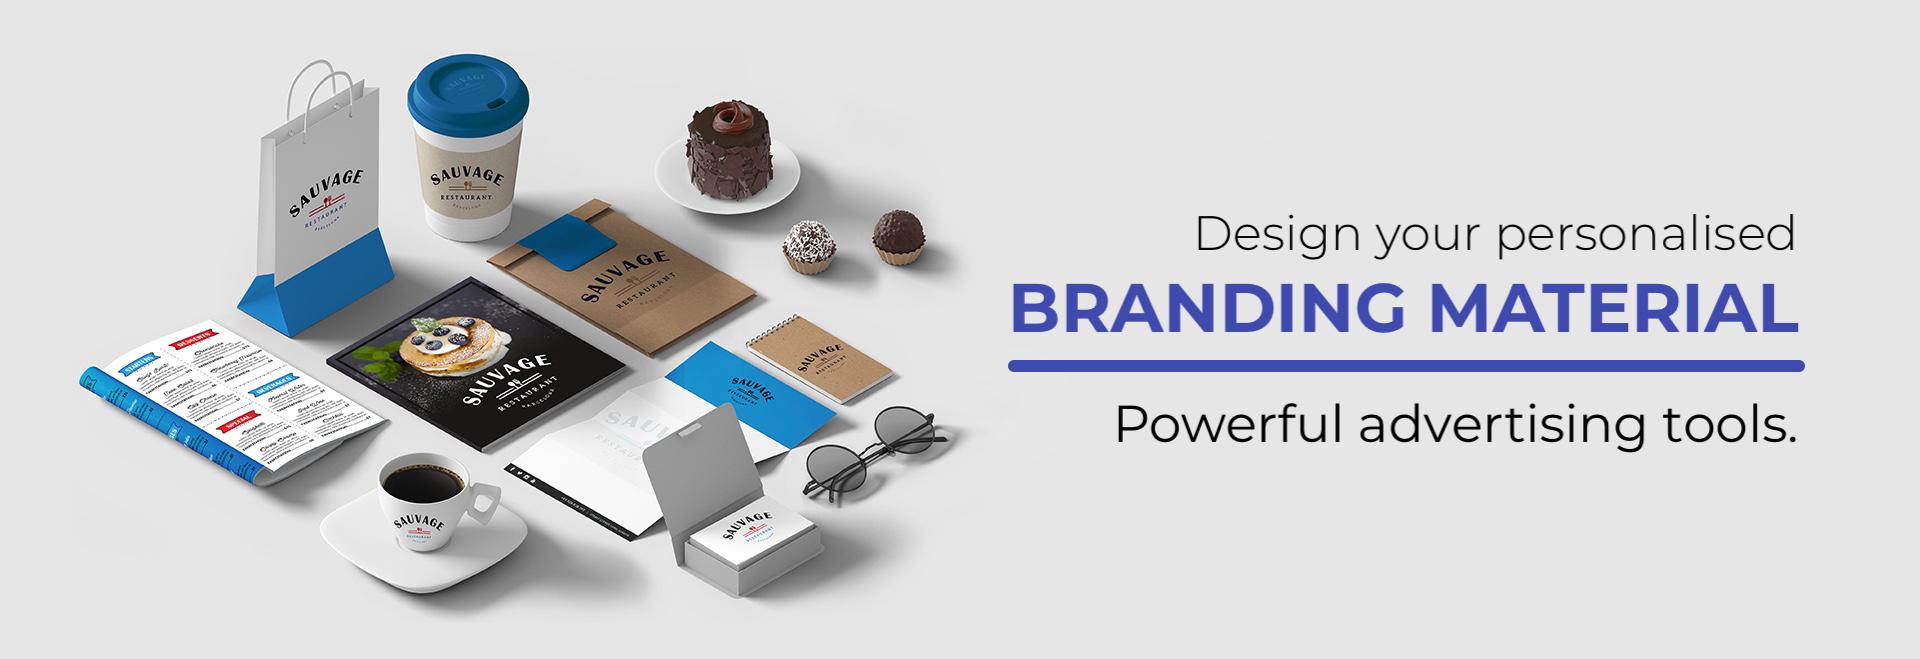 Branding Material